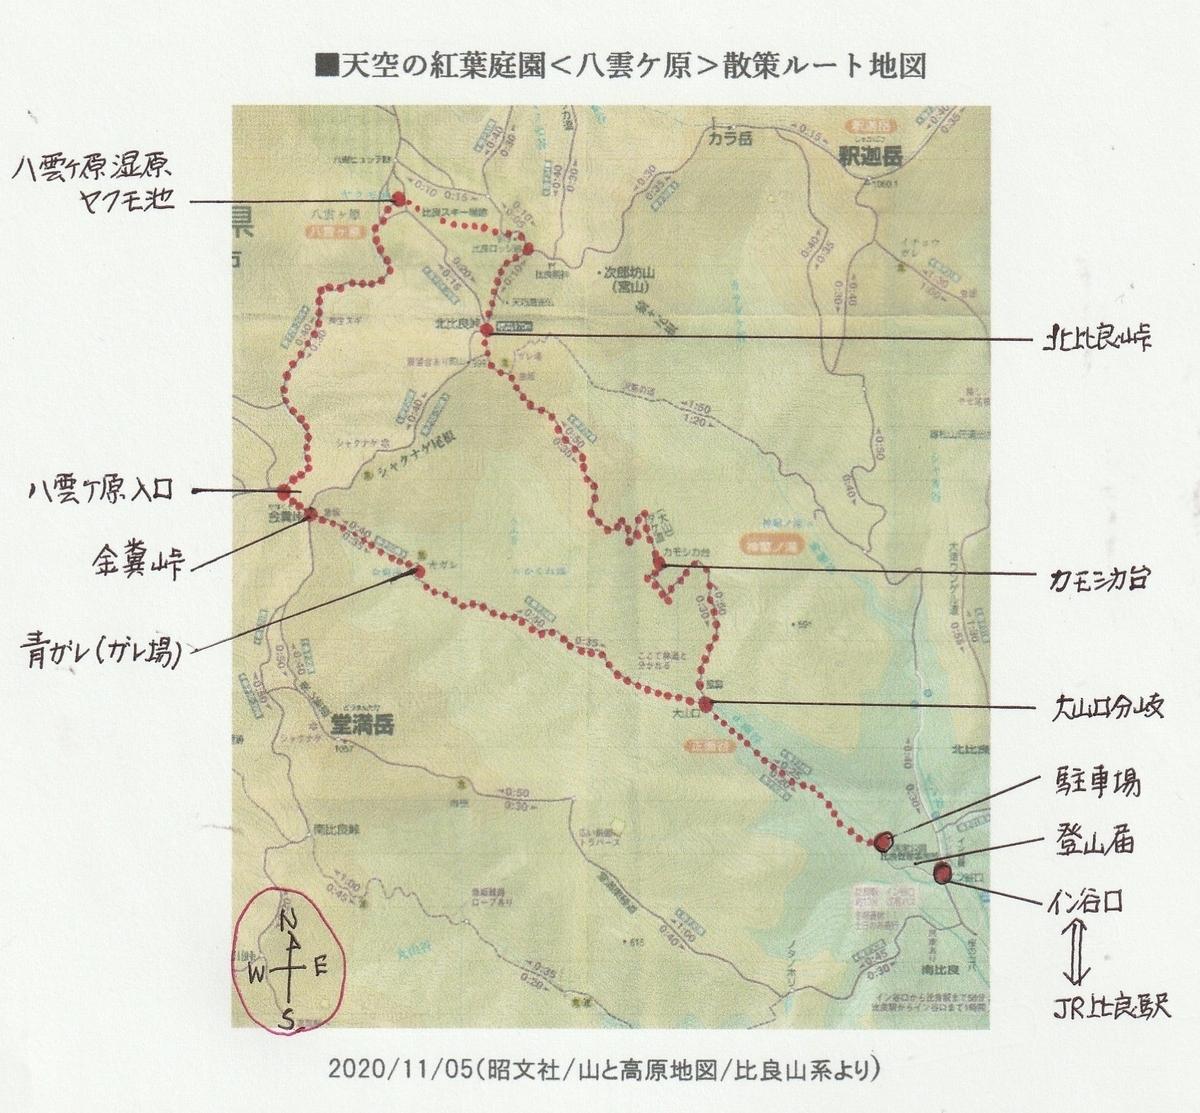 f:id:shiganosato-goto:20201107170028j:plain